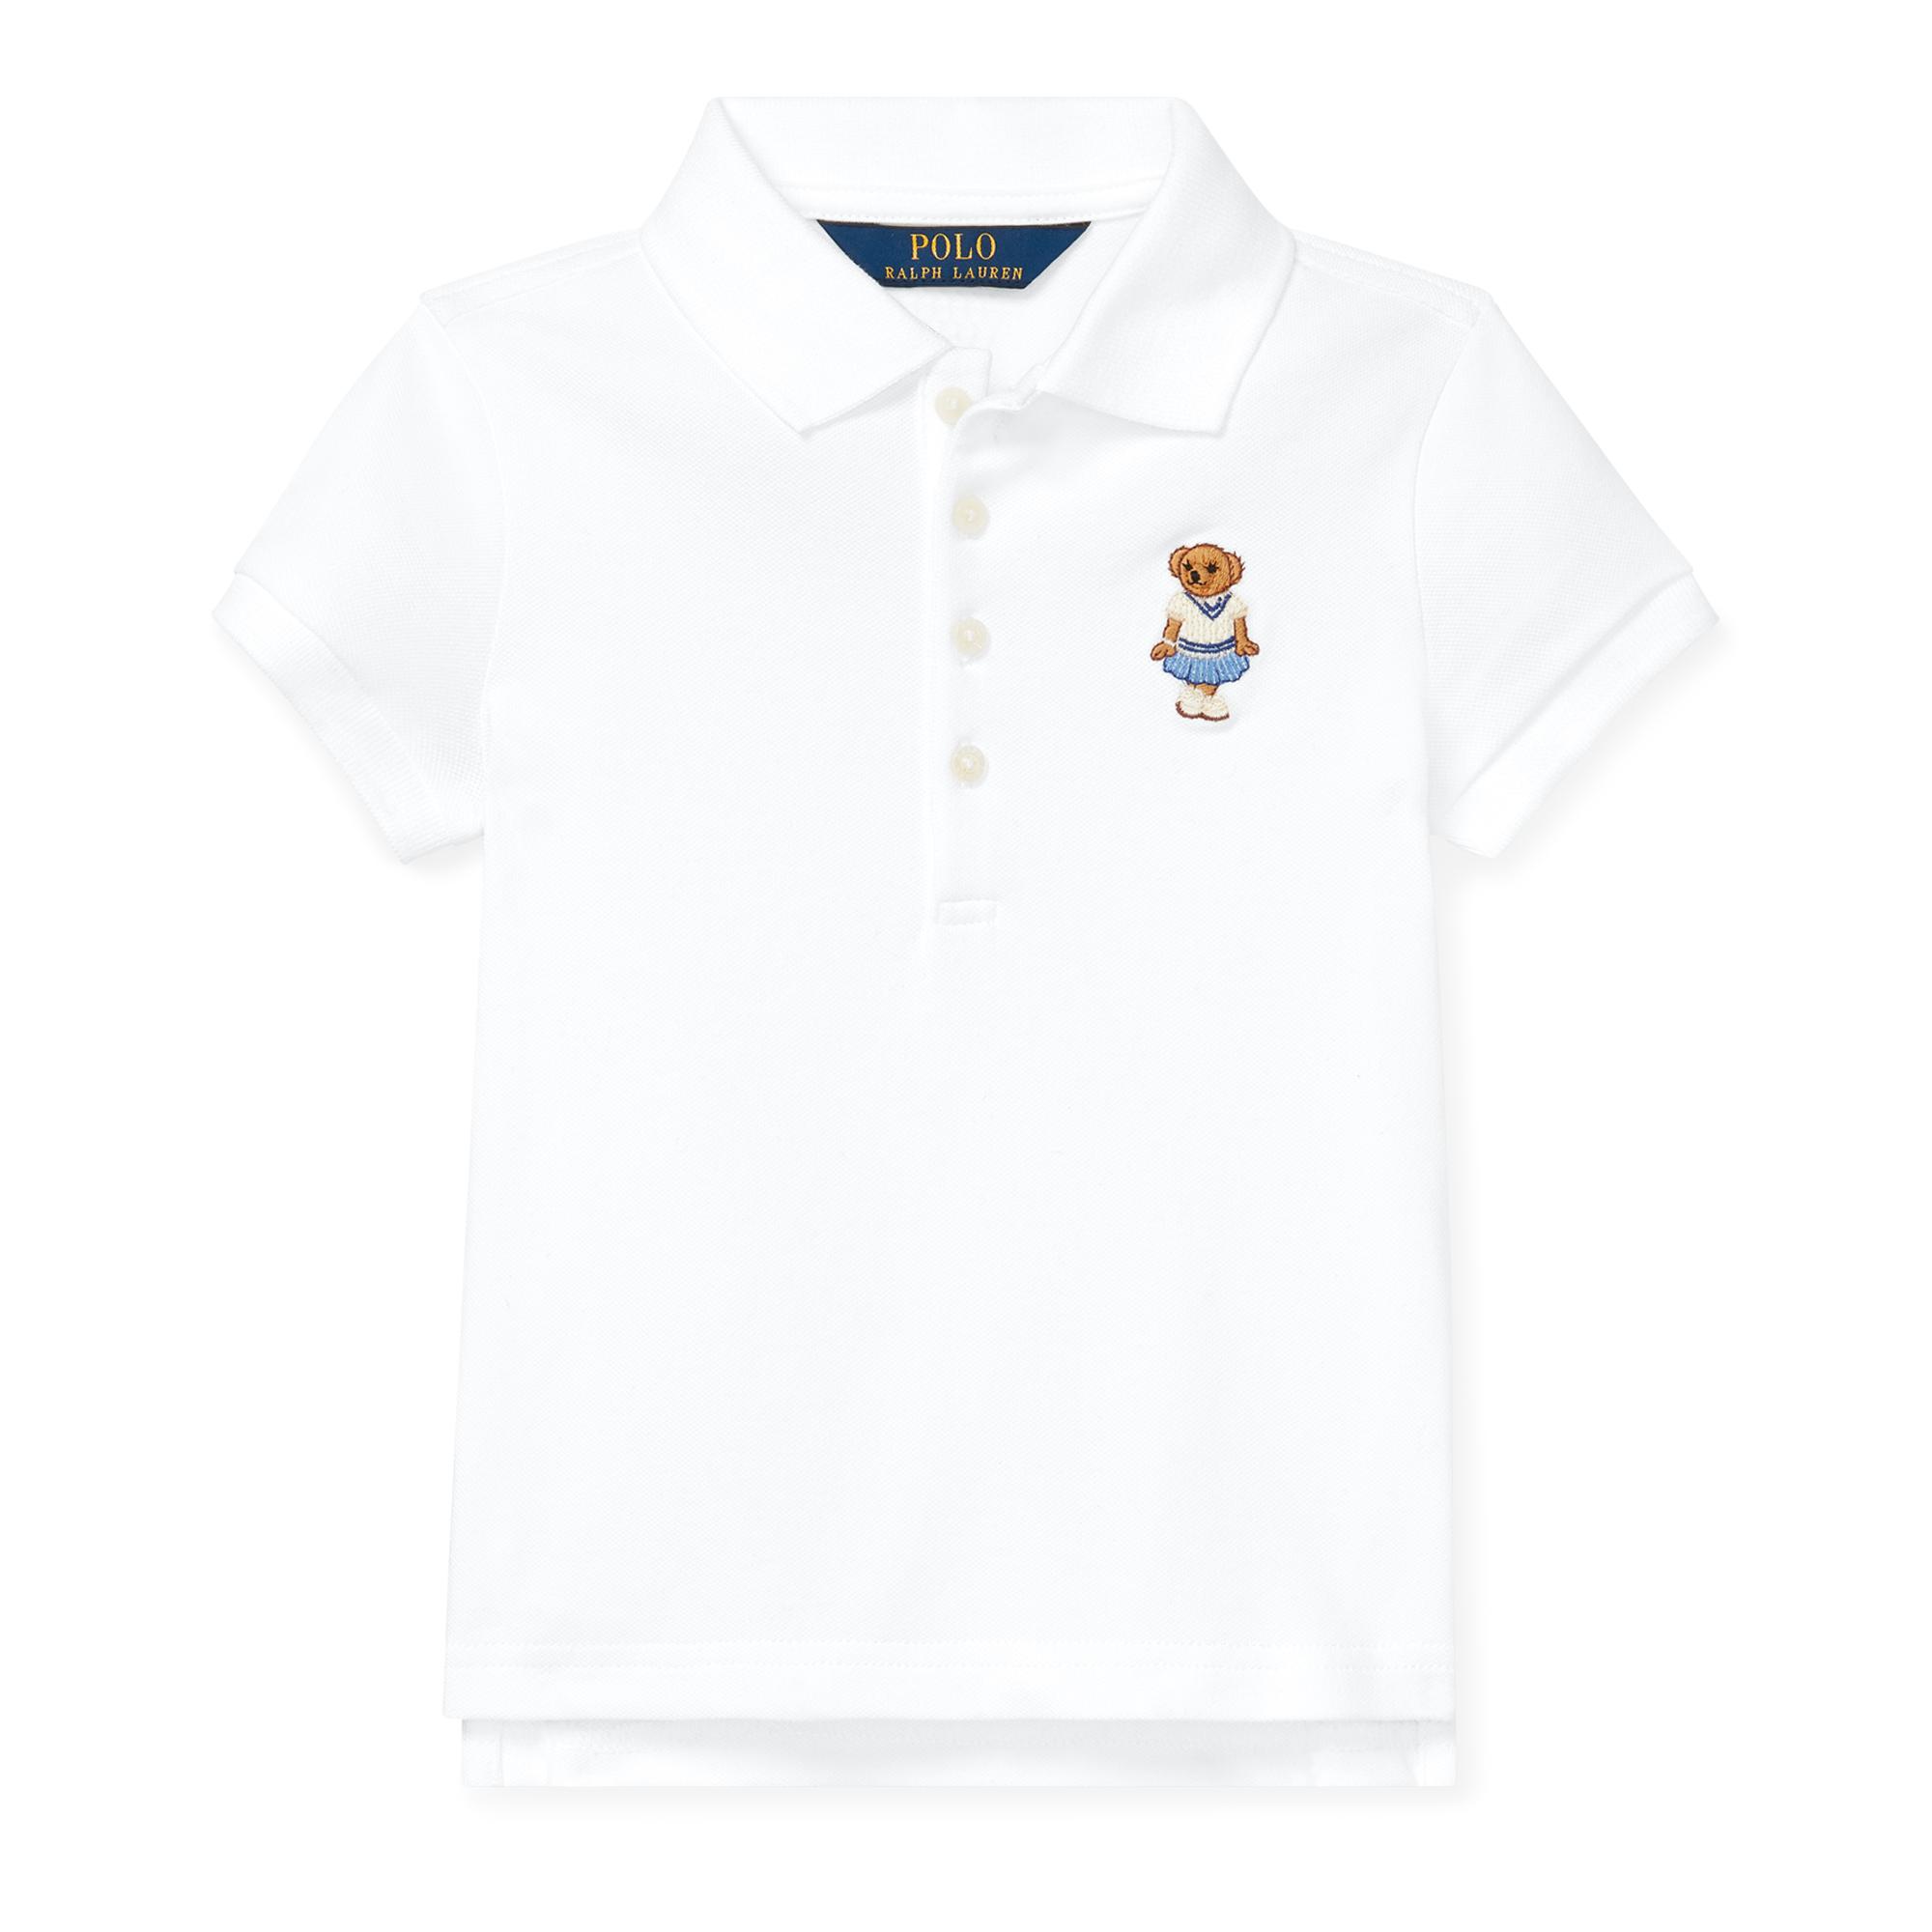 b72444f1 Cricket Bear Mesh Polo Shirt. RalphLauren RalphLauren. 43.99 35.00 $